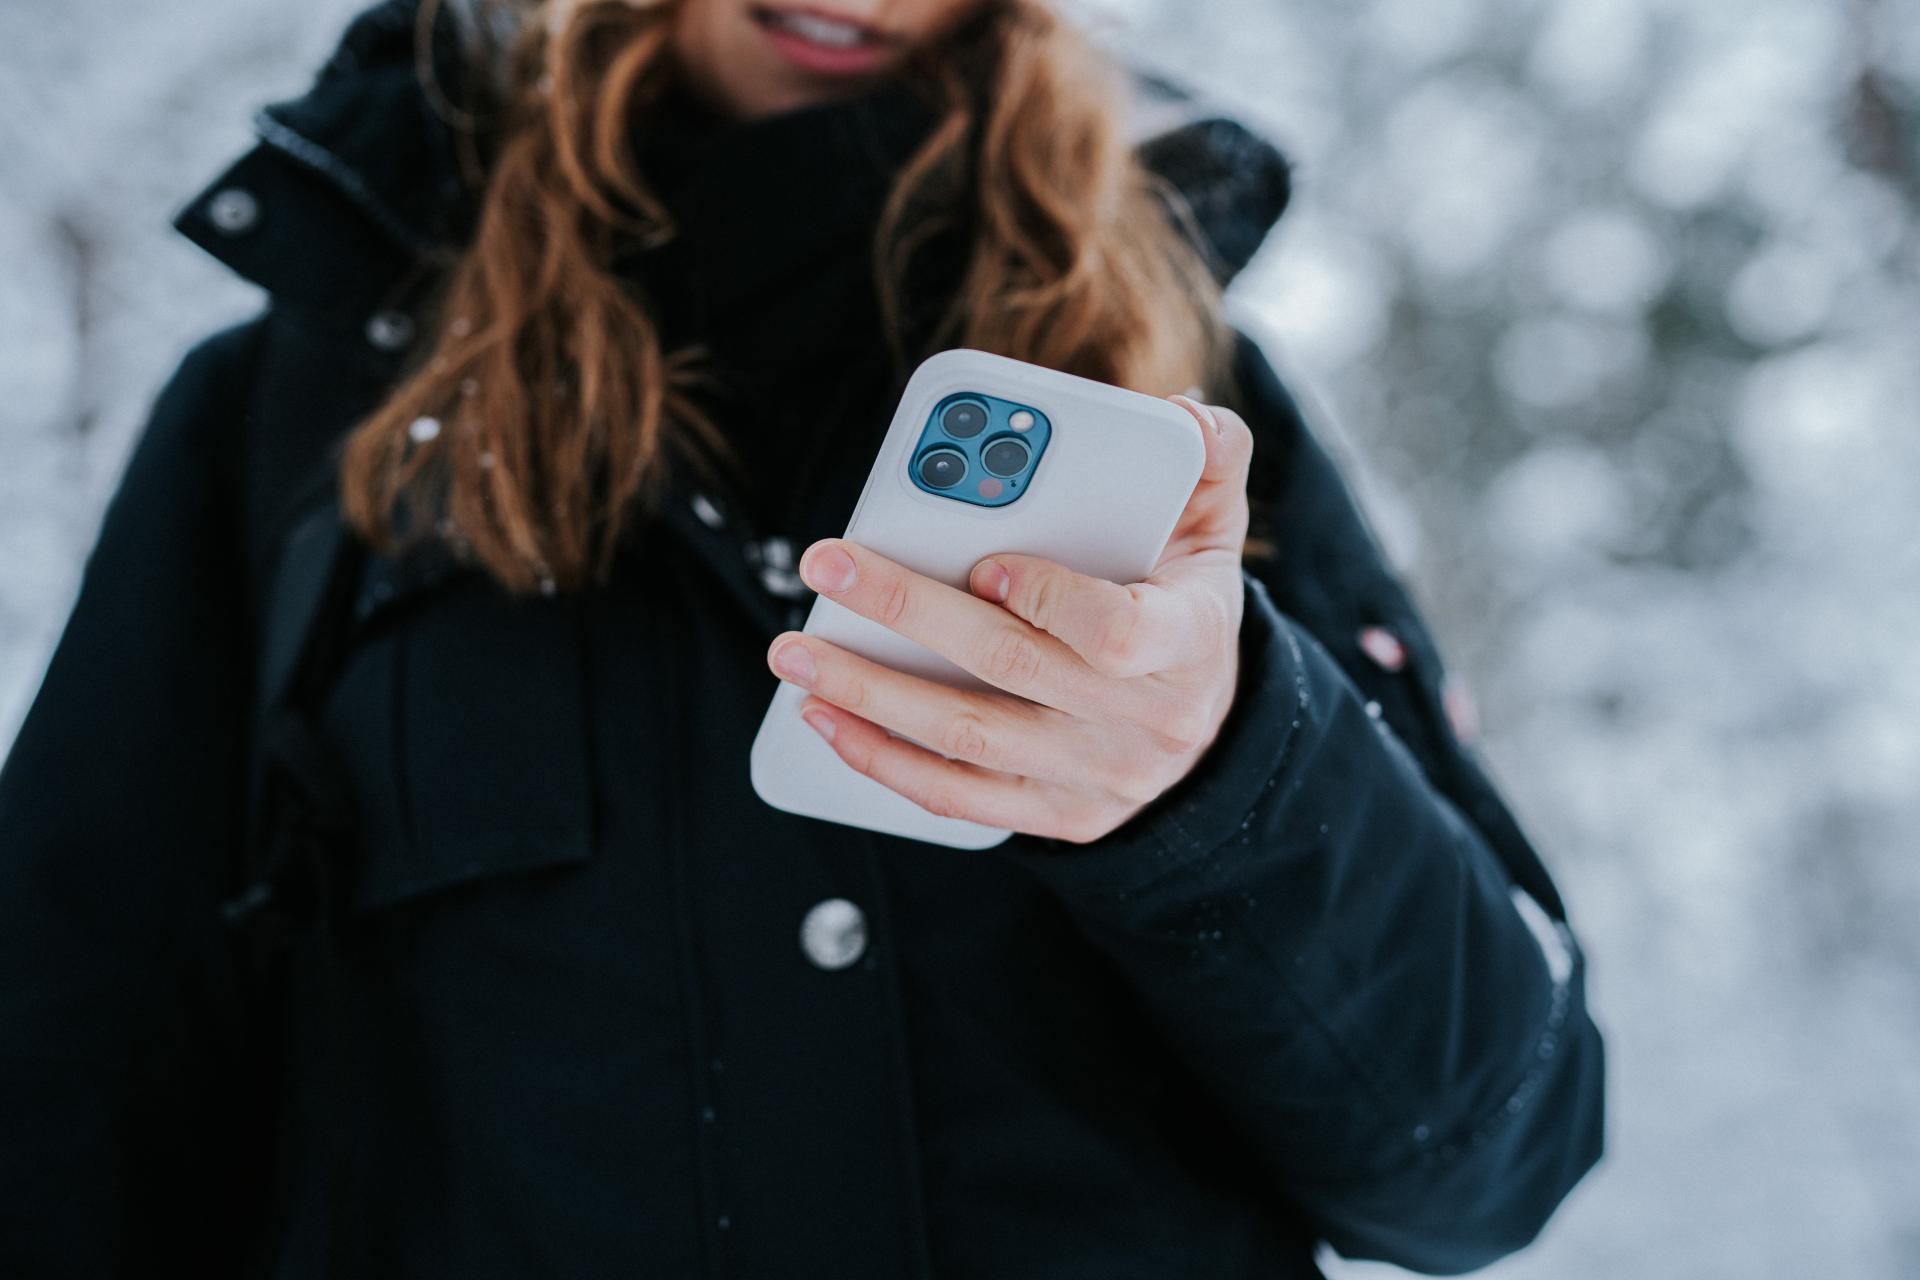 На 8 марта дамы получают чаще всего не iPhone или иные гаджеты